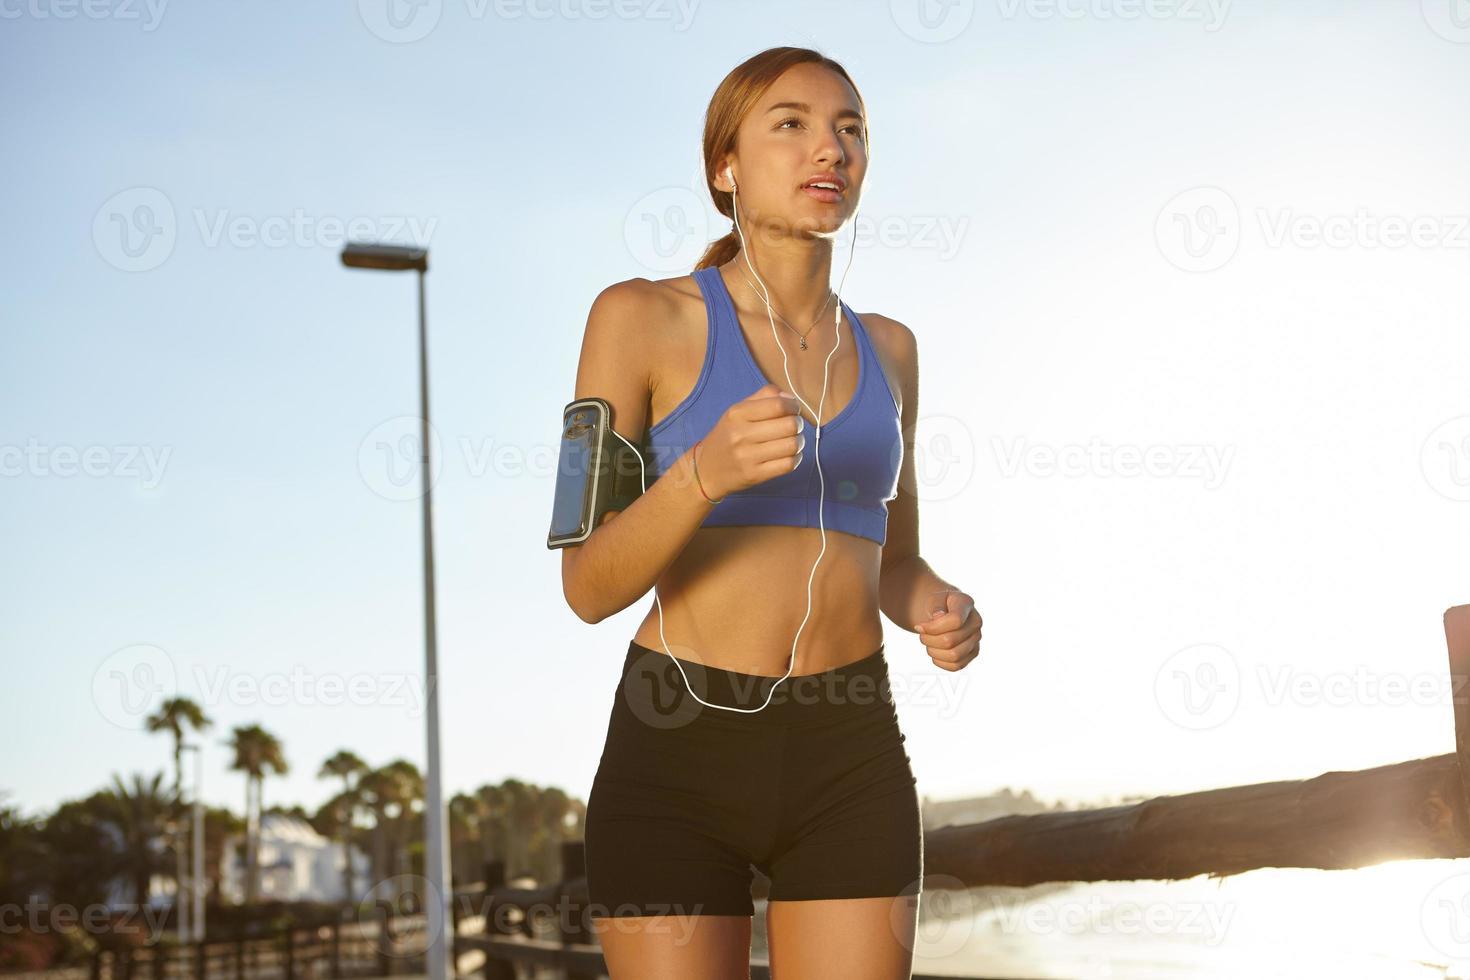 giovane jogger che vive uno stile di vita sano foto